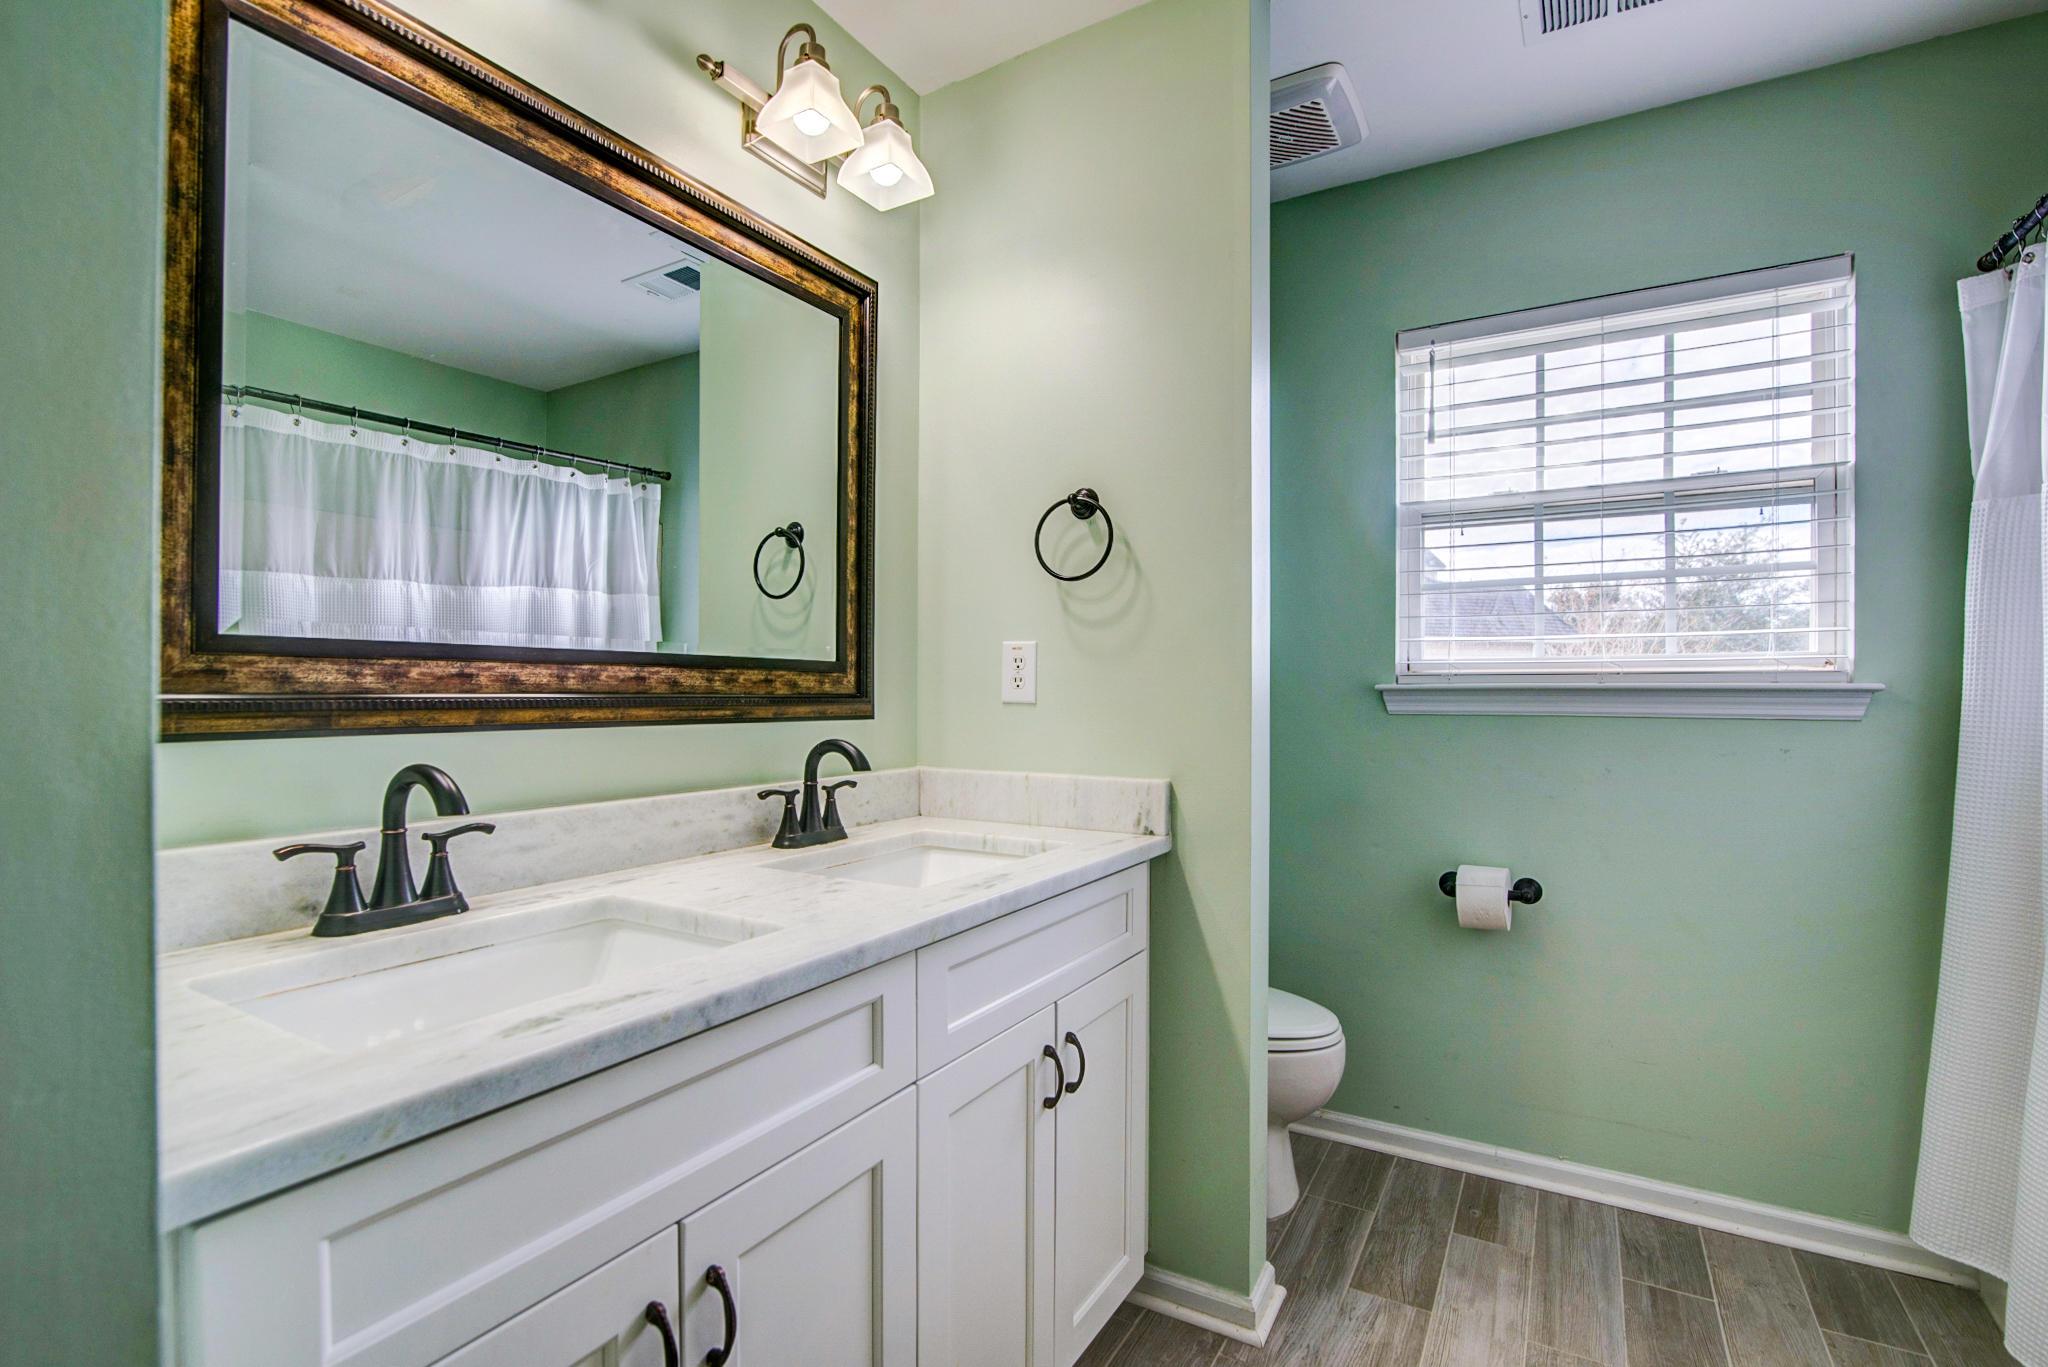 Jamestowne Village Homes For Sale - 1480 Swamp Fox, Charleston, SC - 22